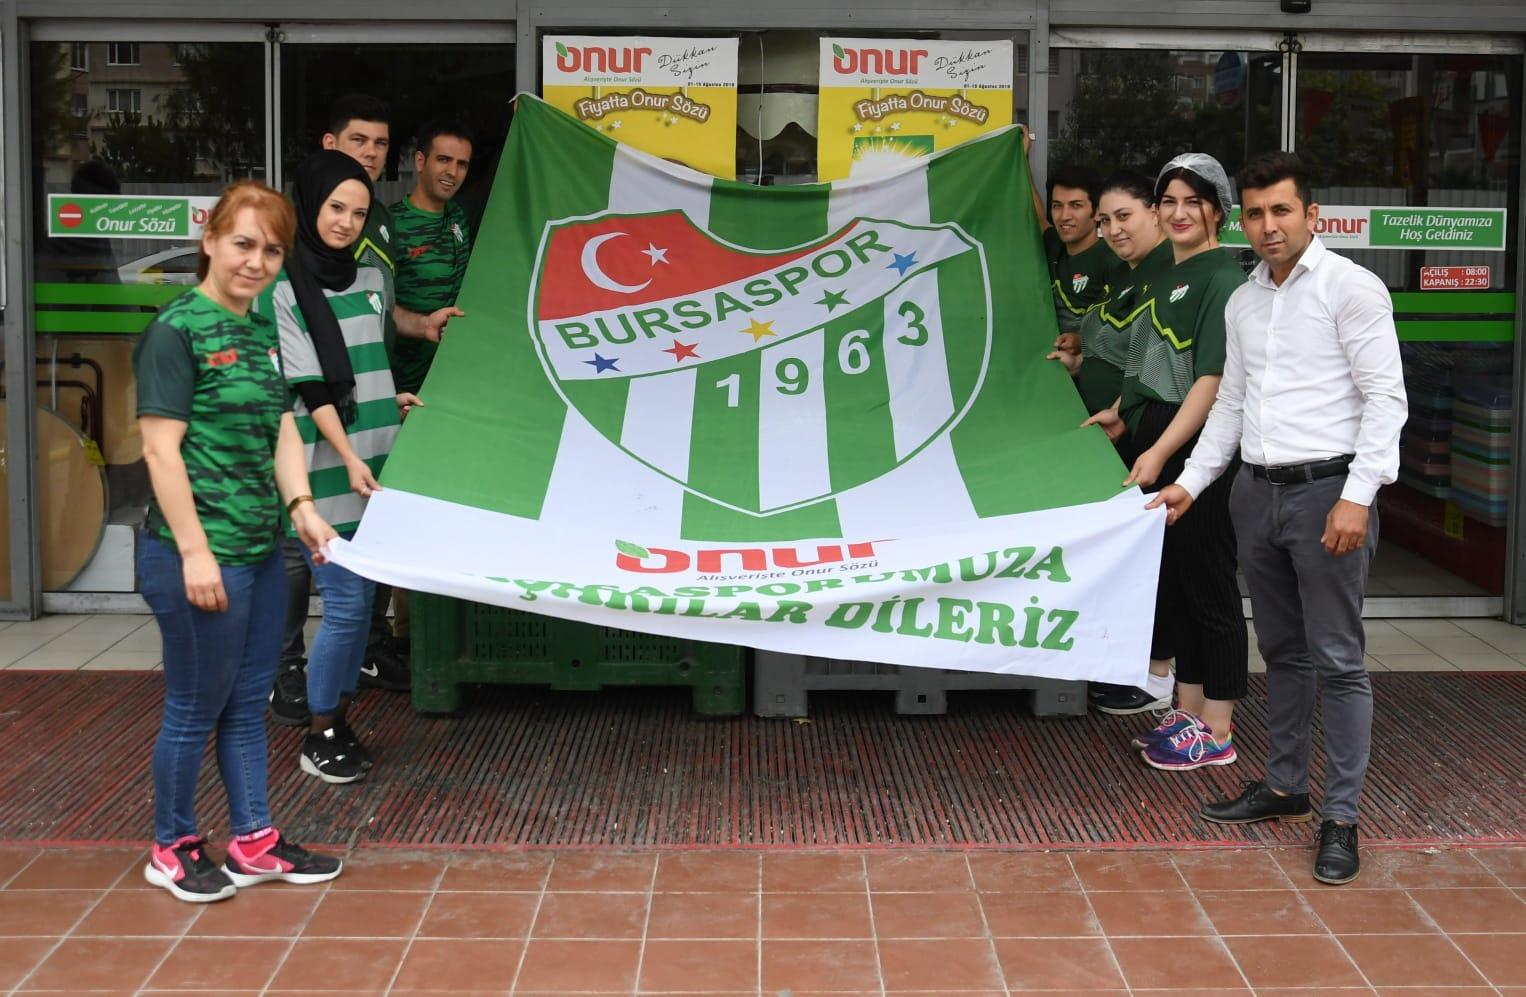 Onur Market Bursaspor'un kampanyasına destek verdi